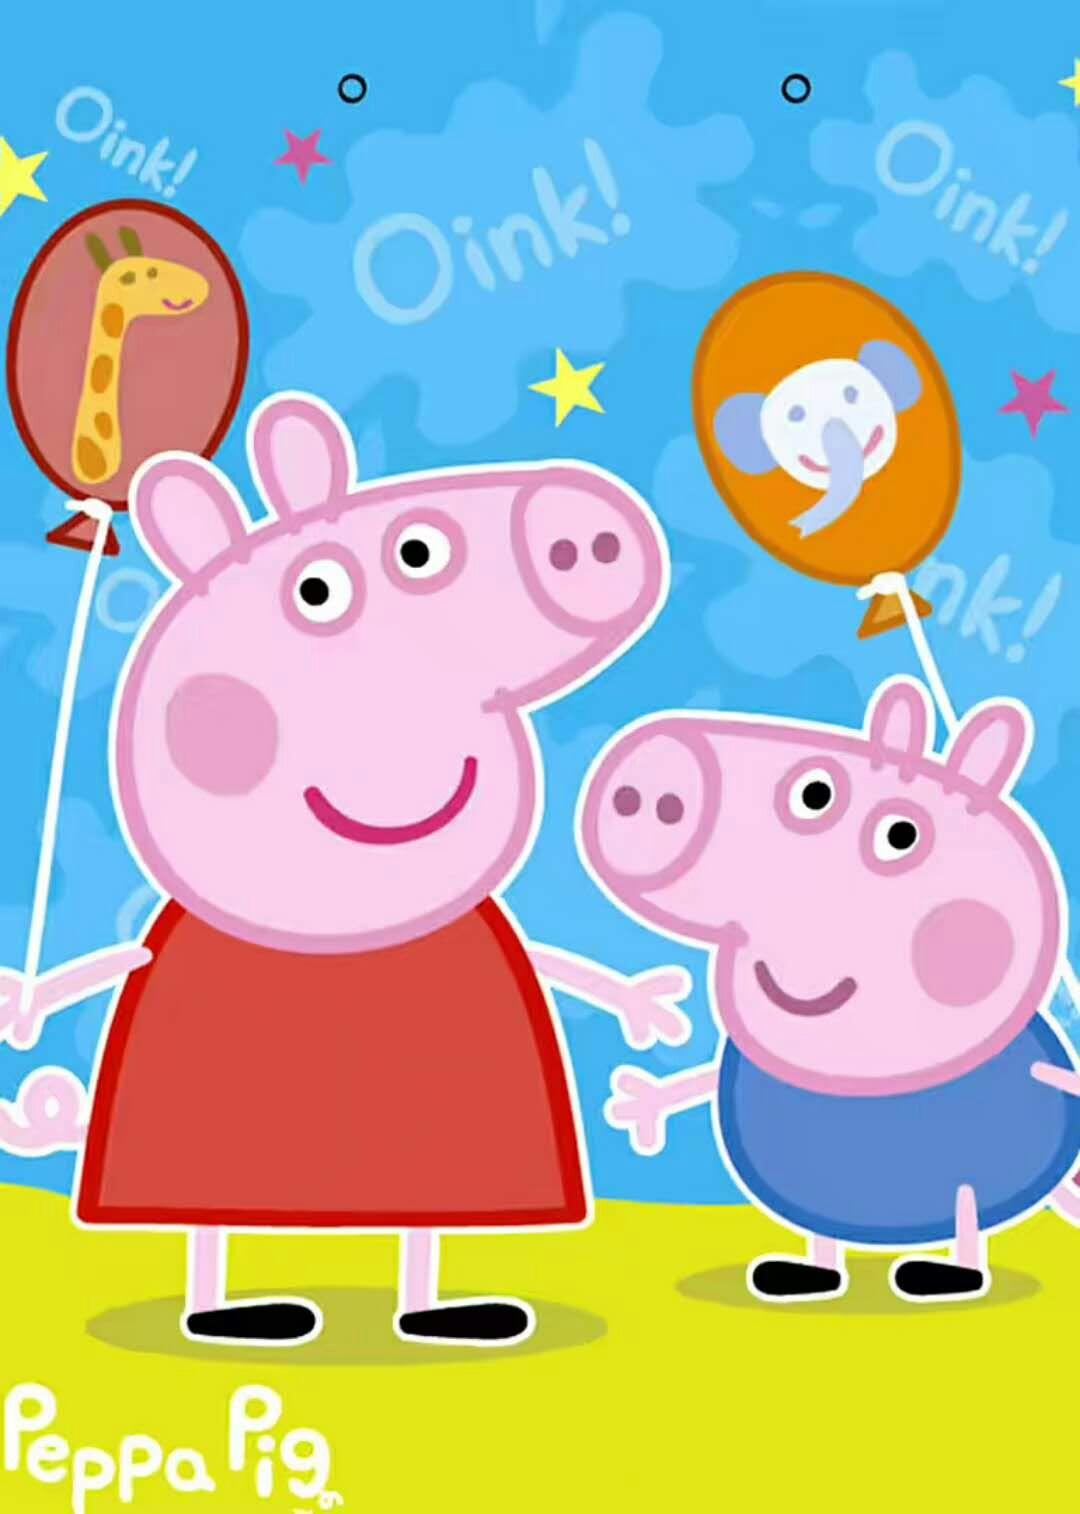 还有有一次带孩子去上绘画课时,老师说我们今天要画一画小猪佩奇一家图片